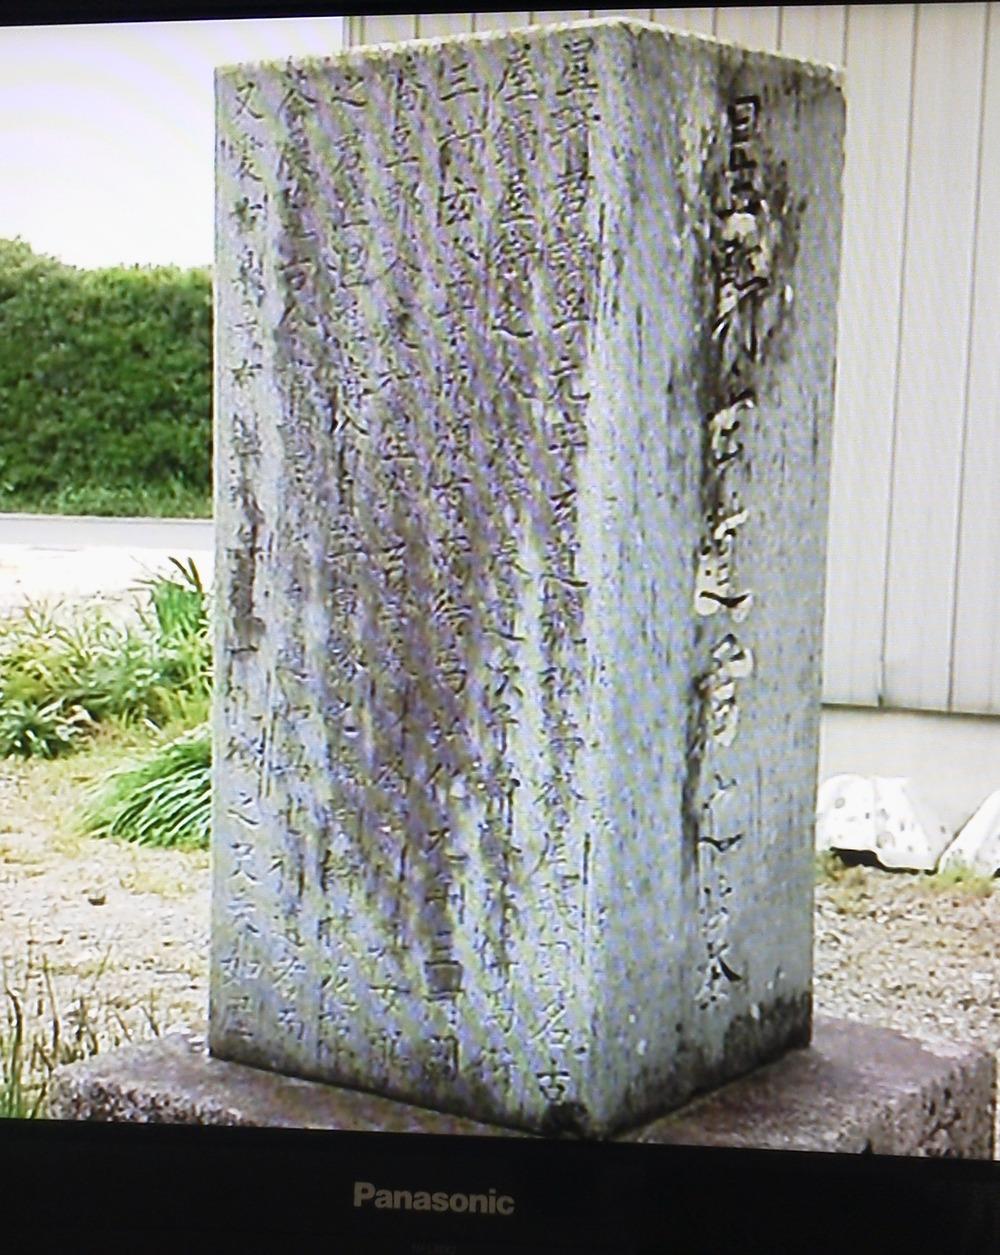 星野玄道墓碑